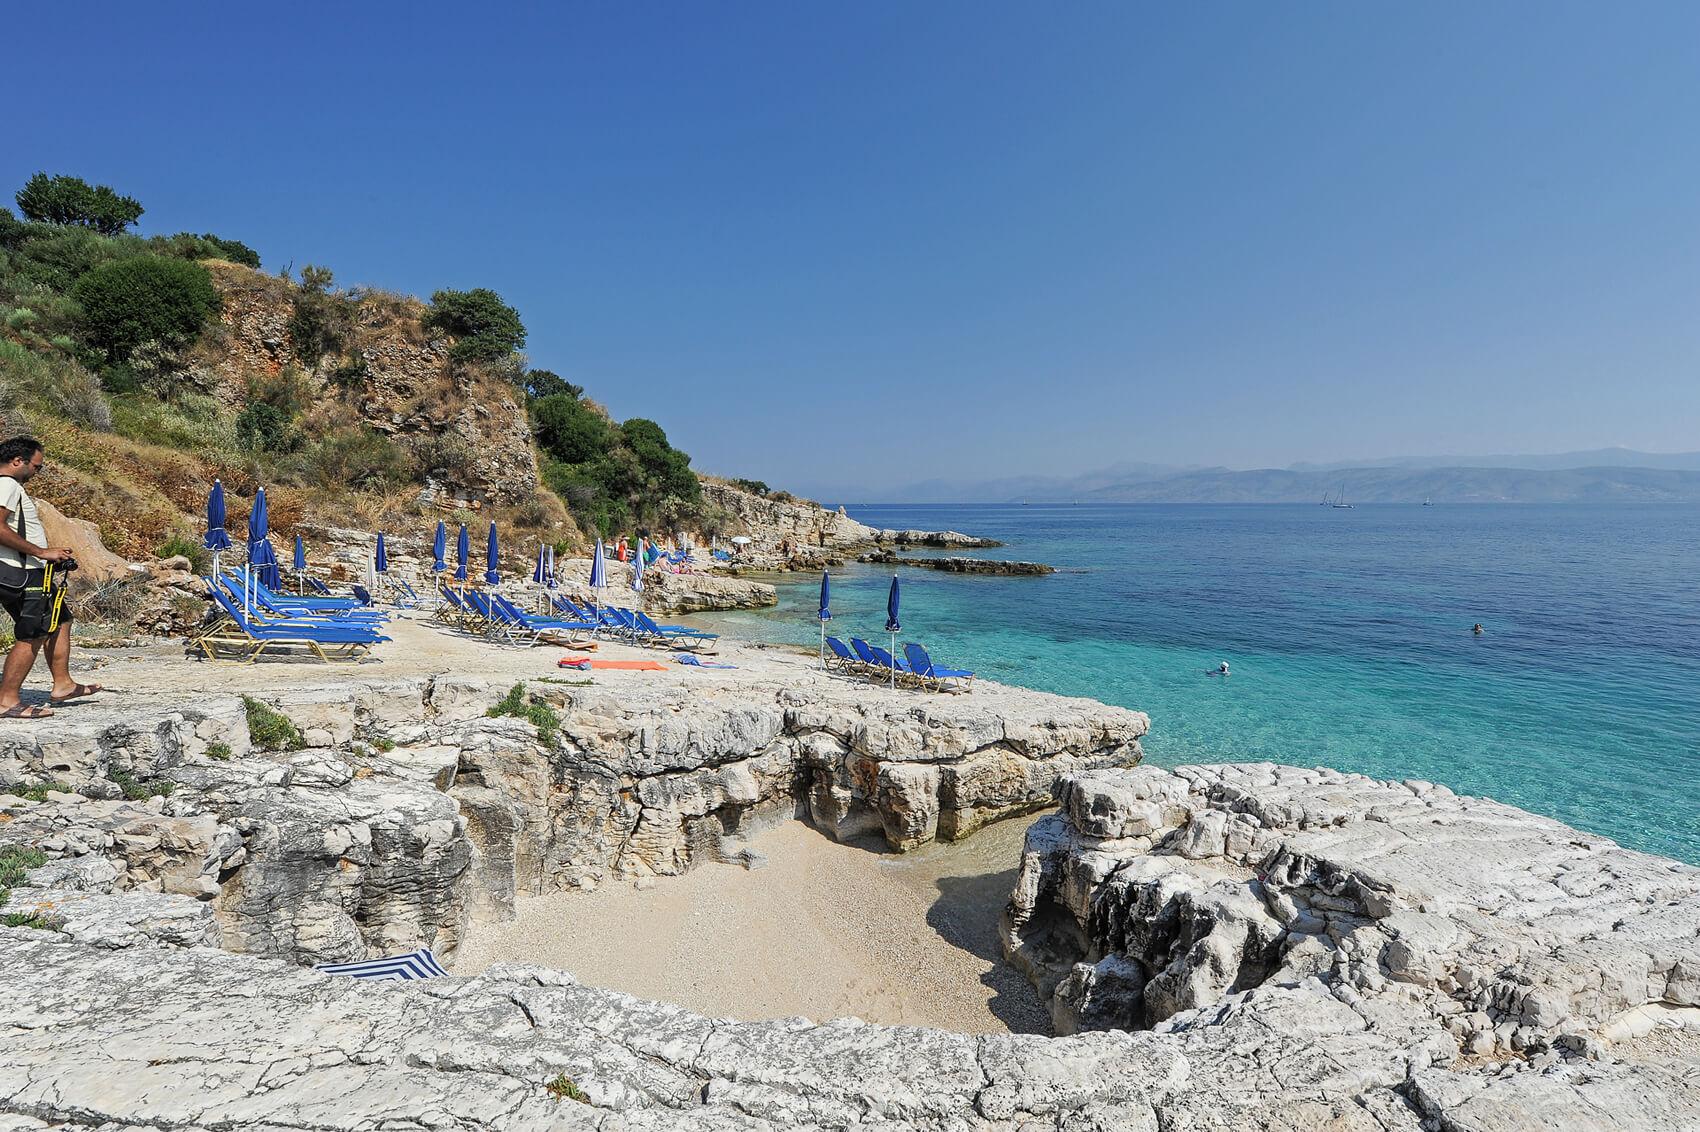 Пляж Bataria - лазурная вода контрастирует с белыми камнями